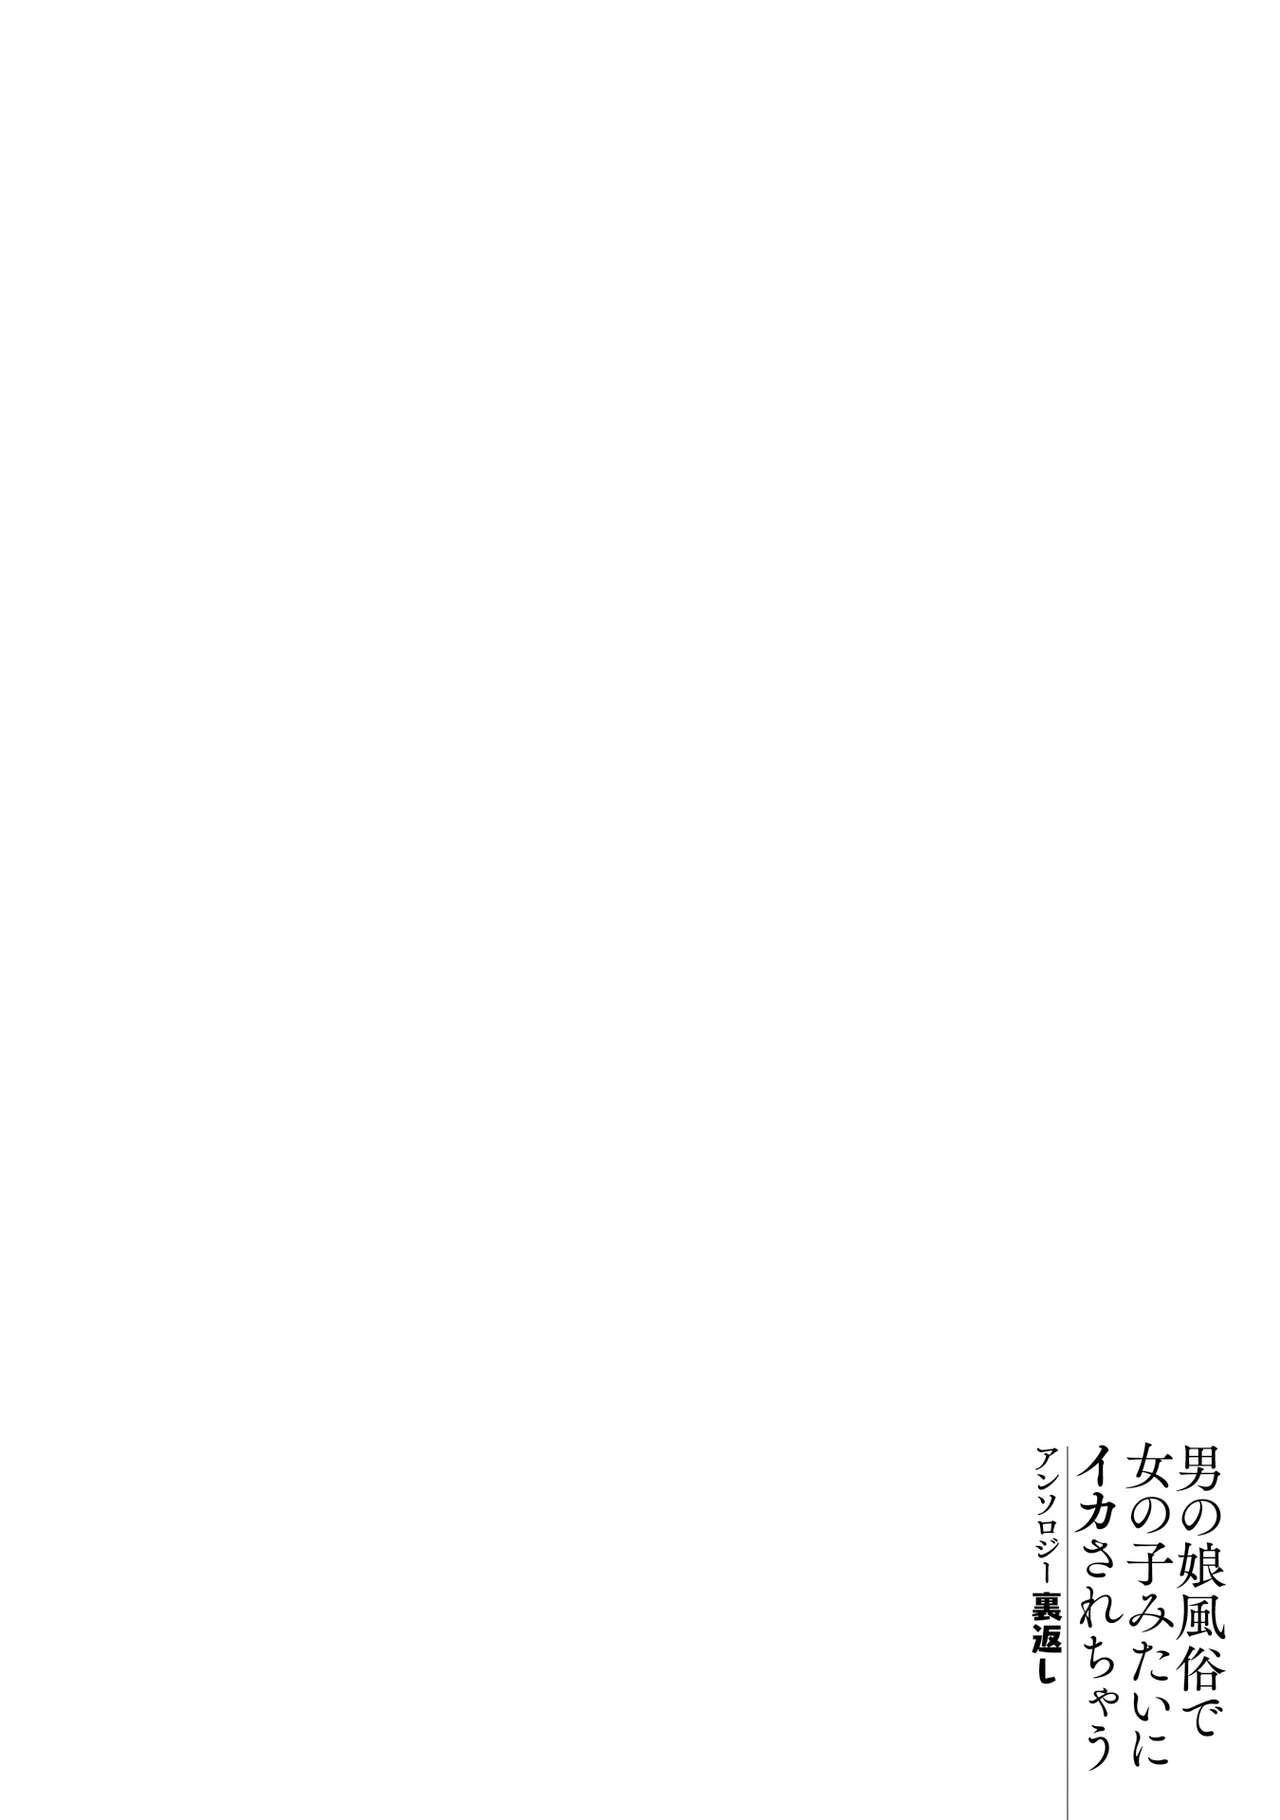 Otokonoko Fuuzoku de Onnanoko Mitai ni Ikasarechau Anthology 2 uragaeshi 127